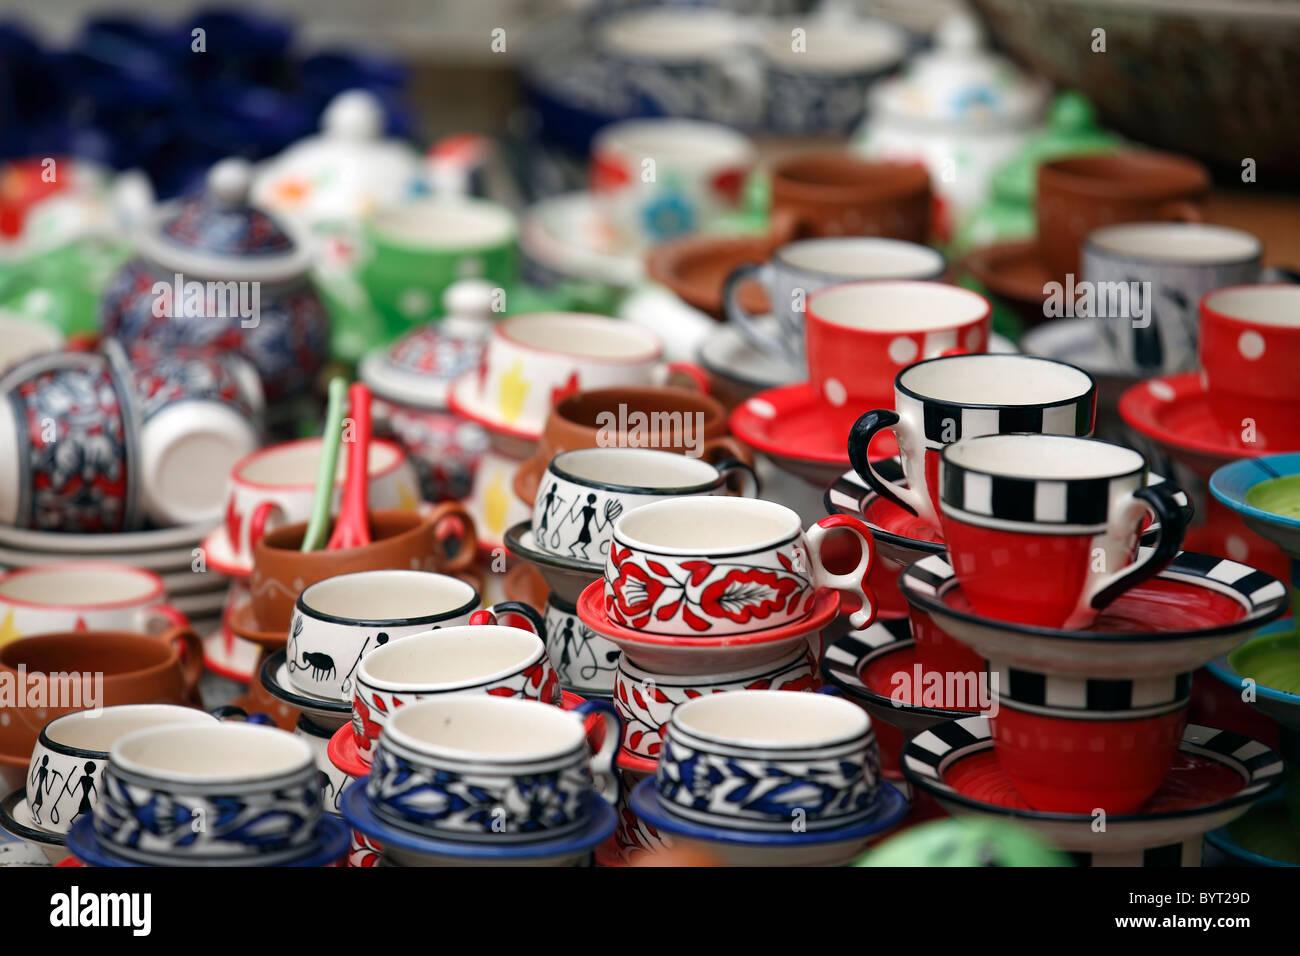 pots vessels handcraft mementos souvenir colorful - Stock Image